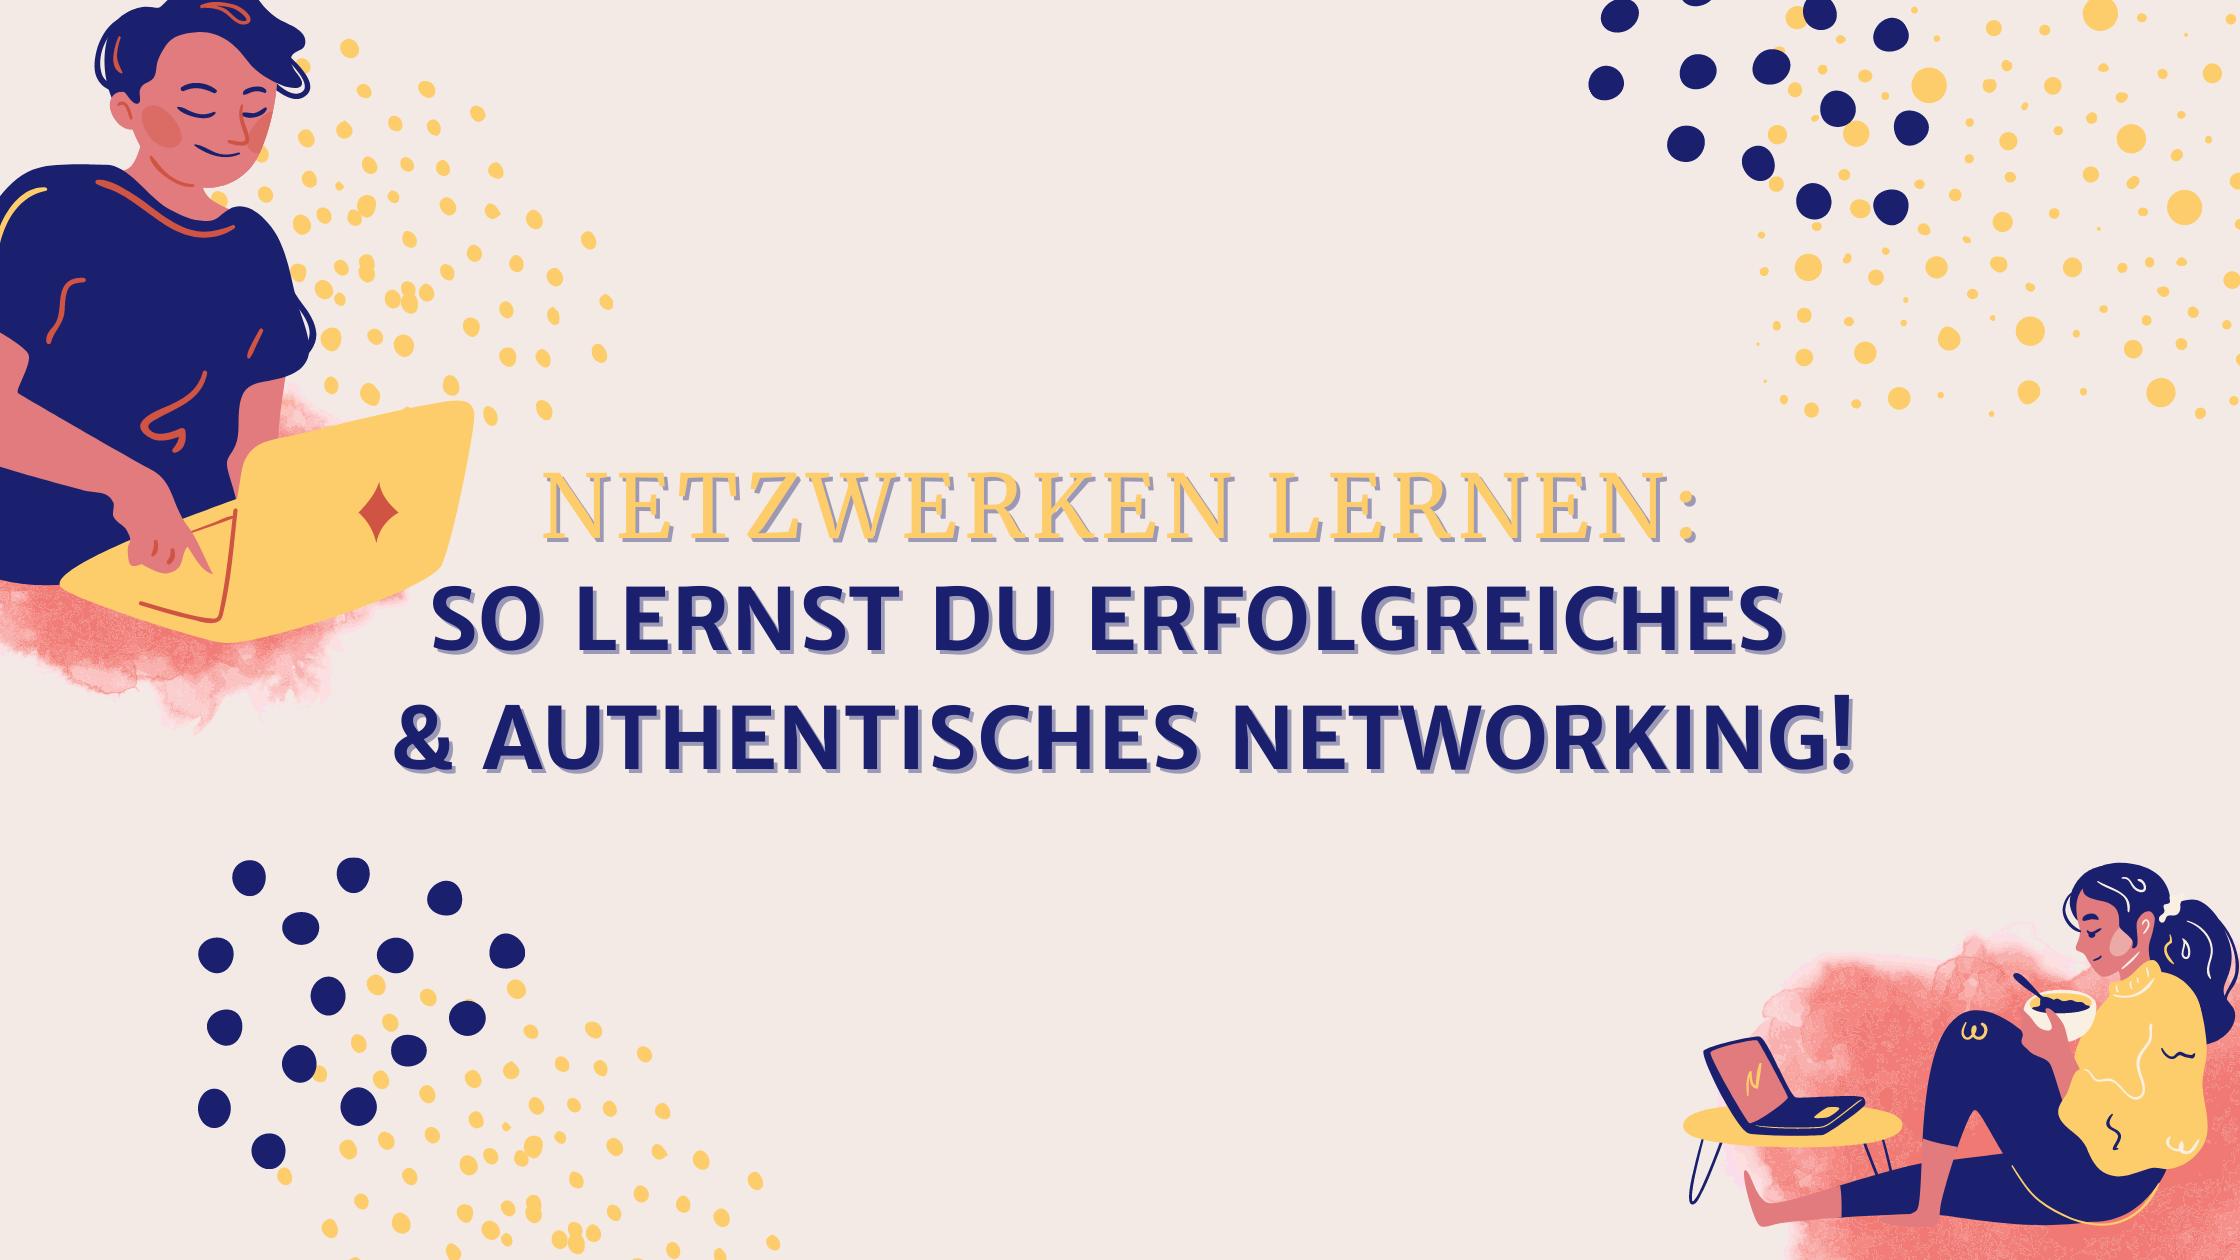 Netzwerken lernen: So lernst du erfolgreiches & authentisches Networking!